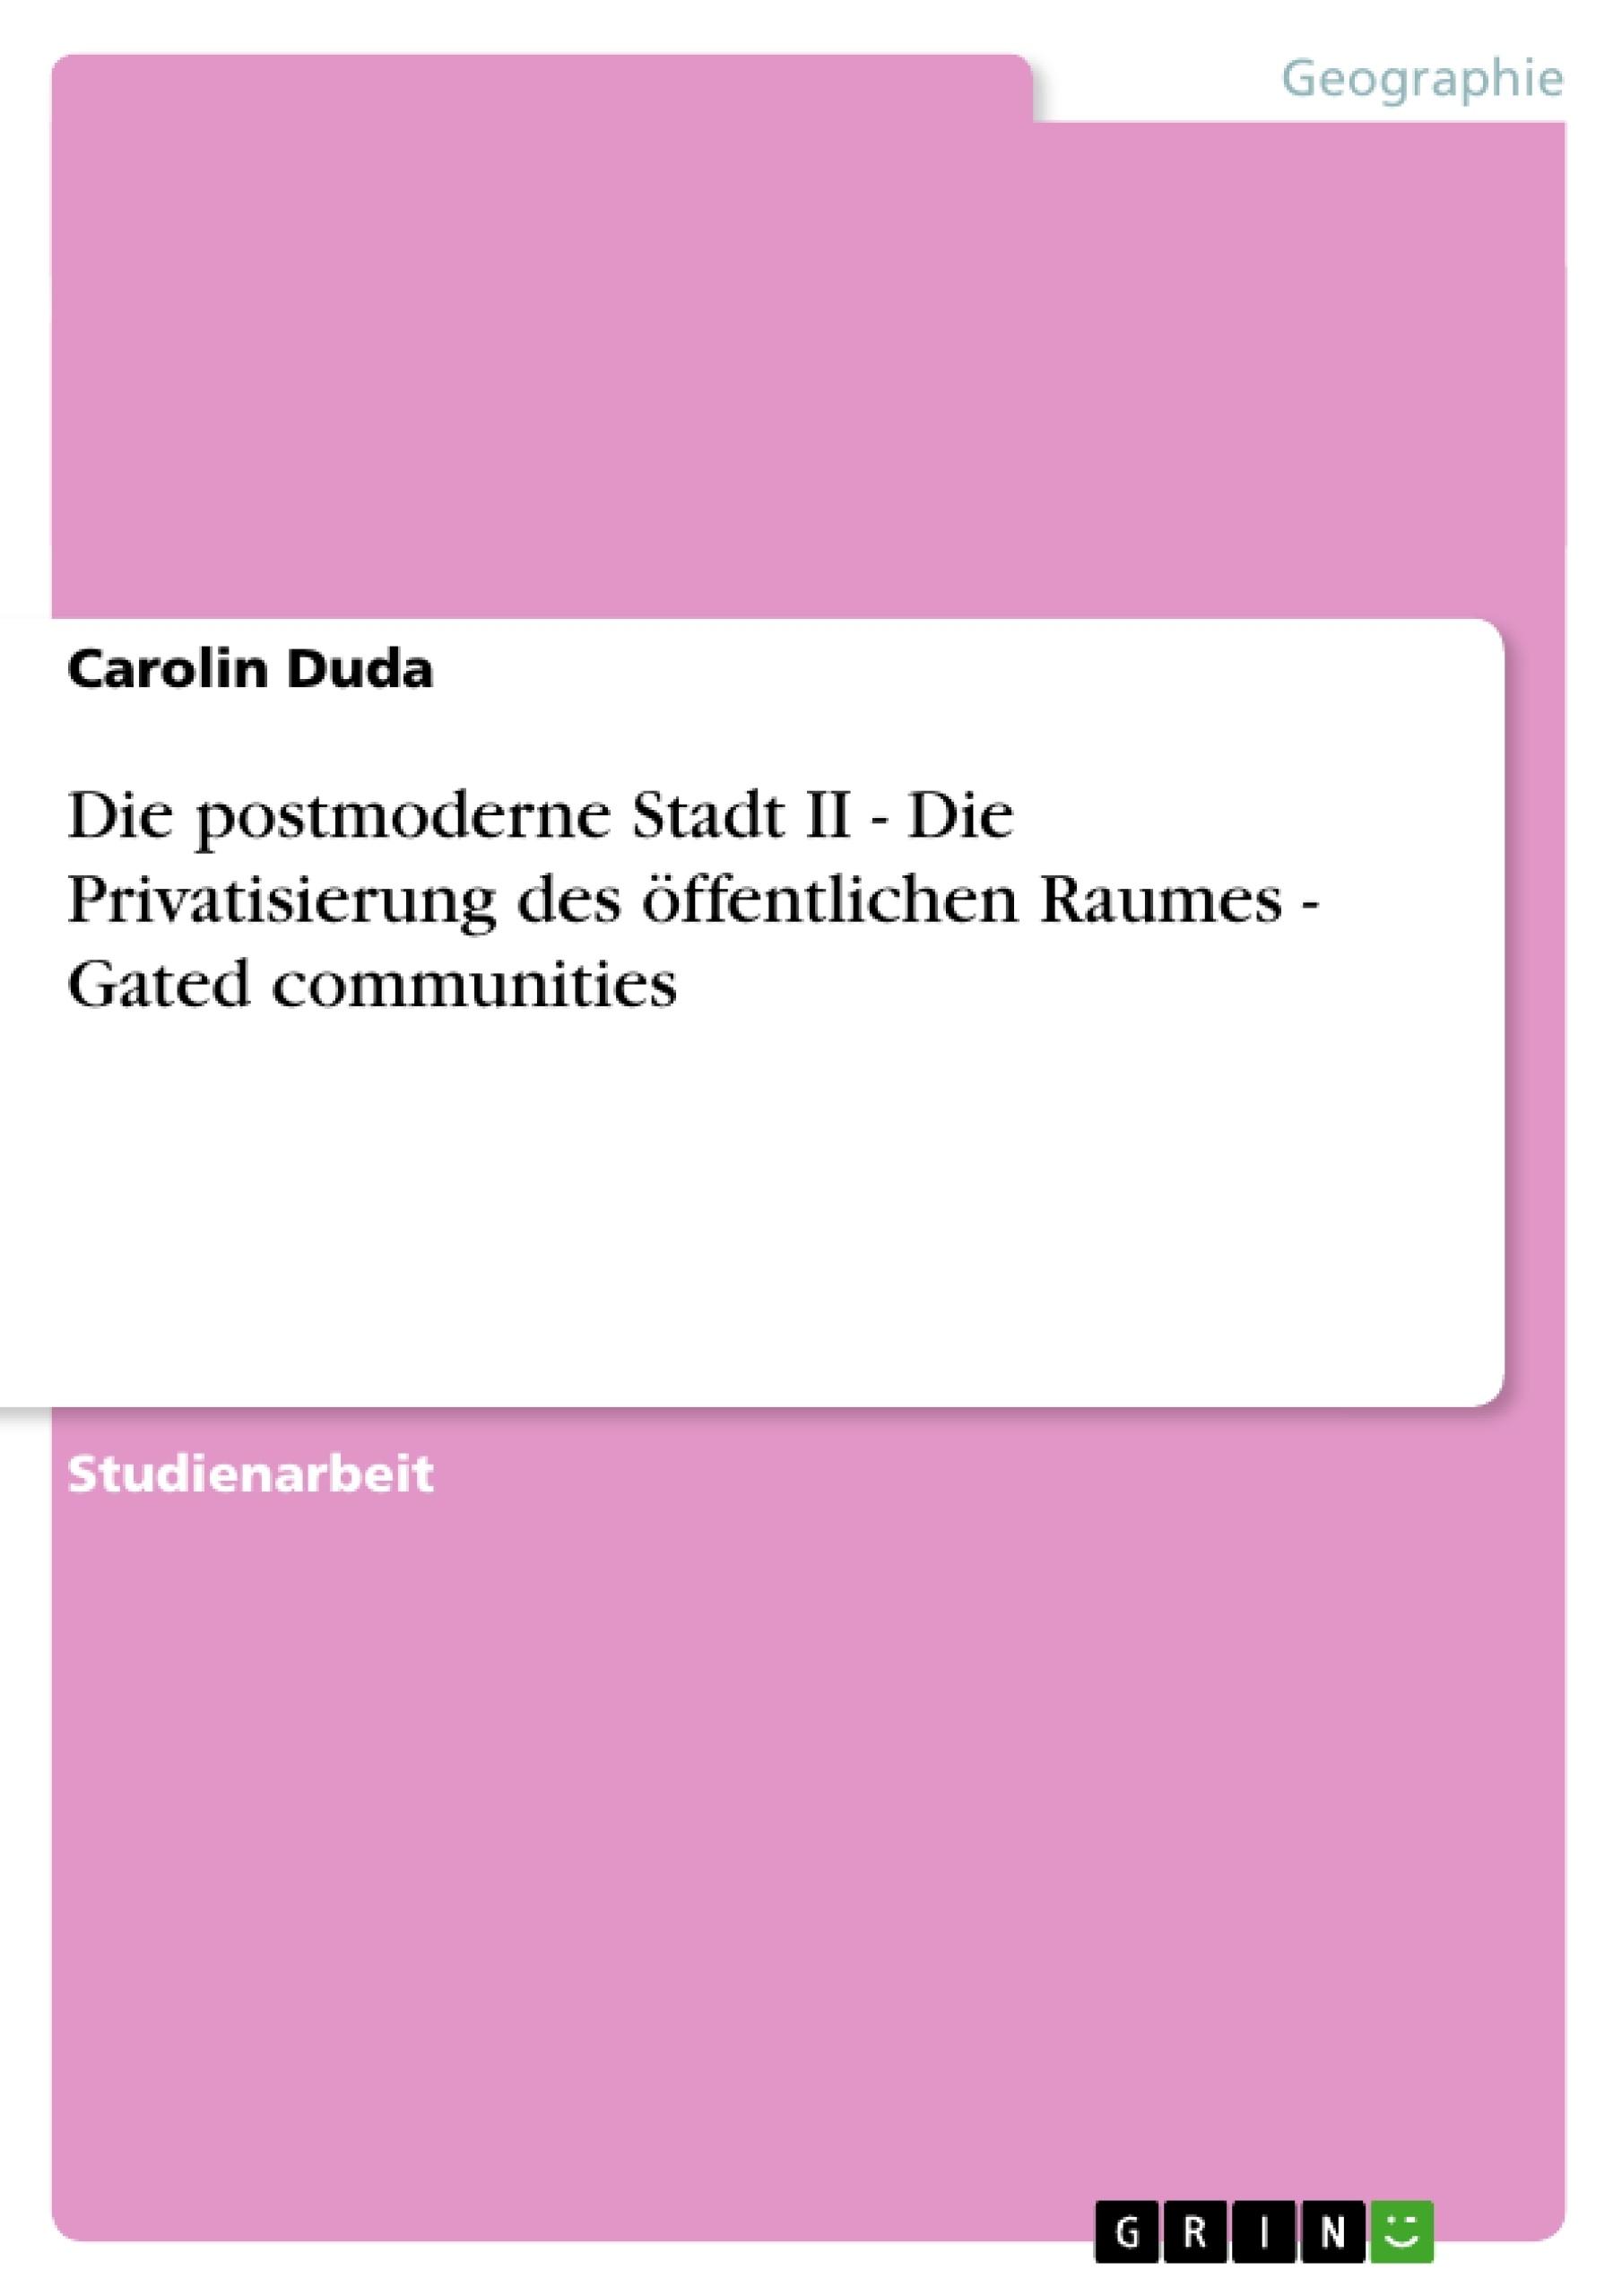 Titel: Die postmoderne Stadt II - Die Privatisierung des öffentlichen Raumes  -  Gated communities